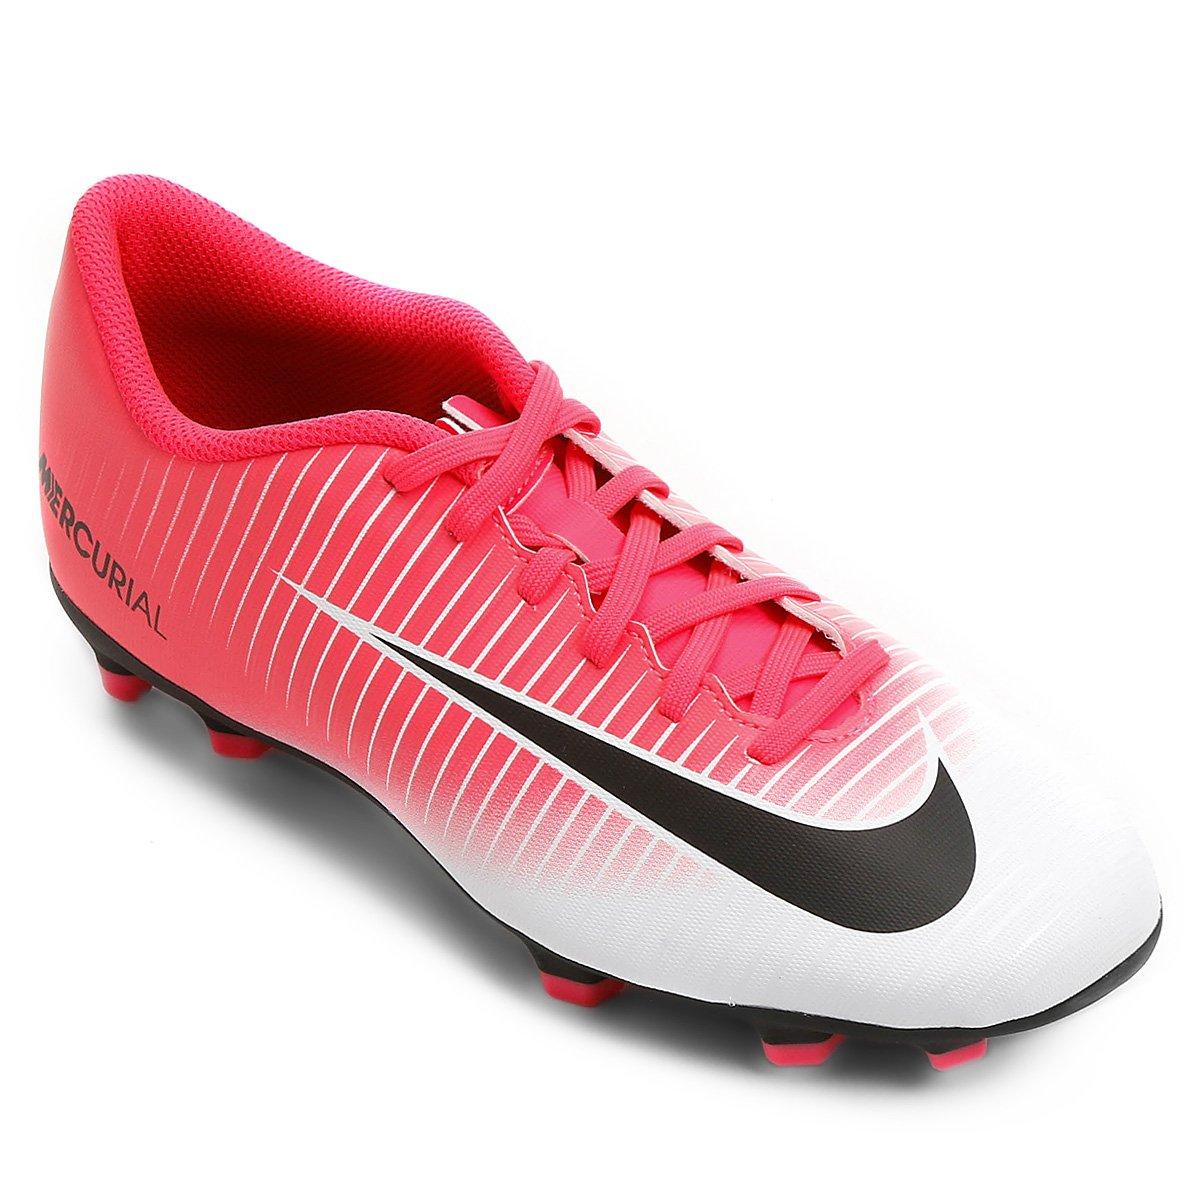 Chuteira Campo Nike Mercurial Vortex 3 FG - Pink e Preto - Compre Agora  3a5106569d48c